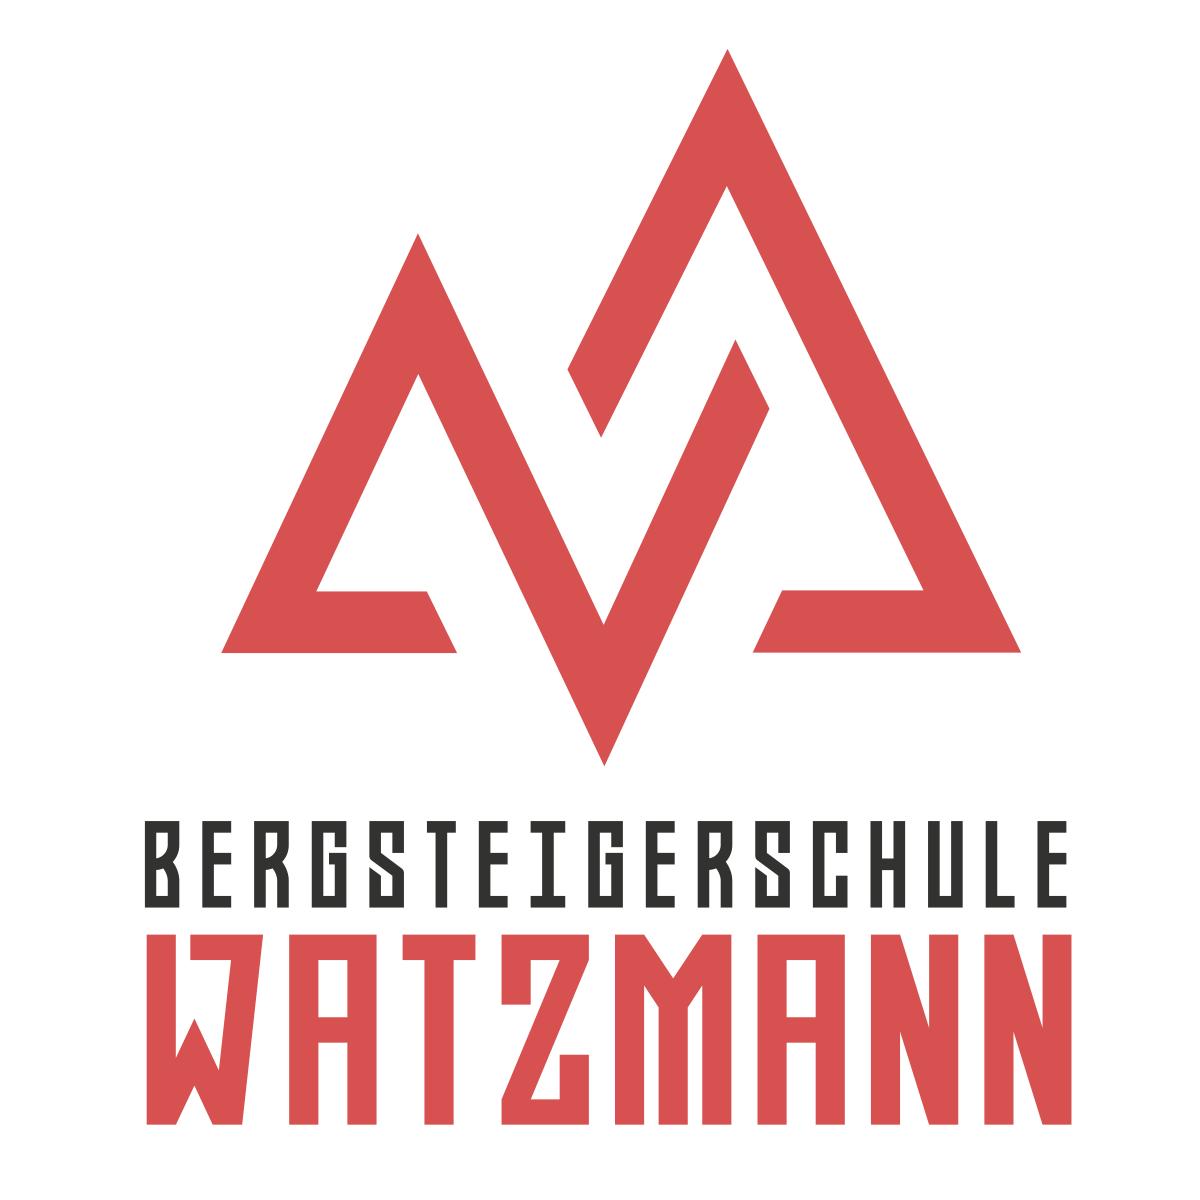 Bergsteigerschule Watzman 2